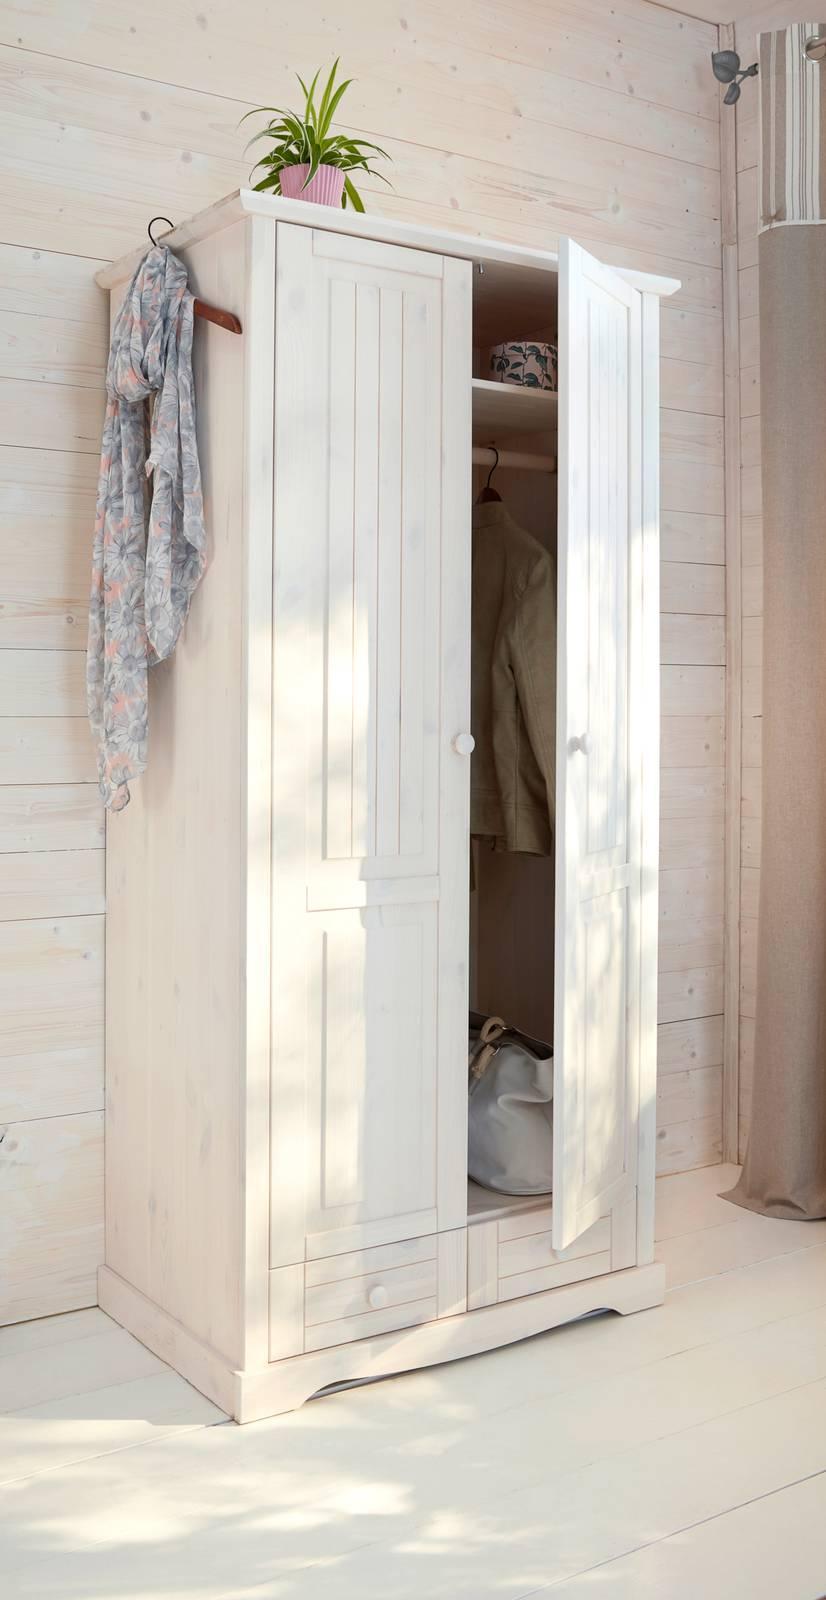 Camera shabby chic, dal letto allo specchio - Cose di Casa